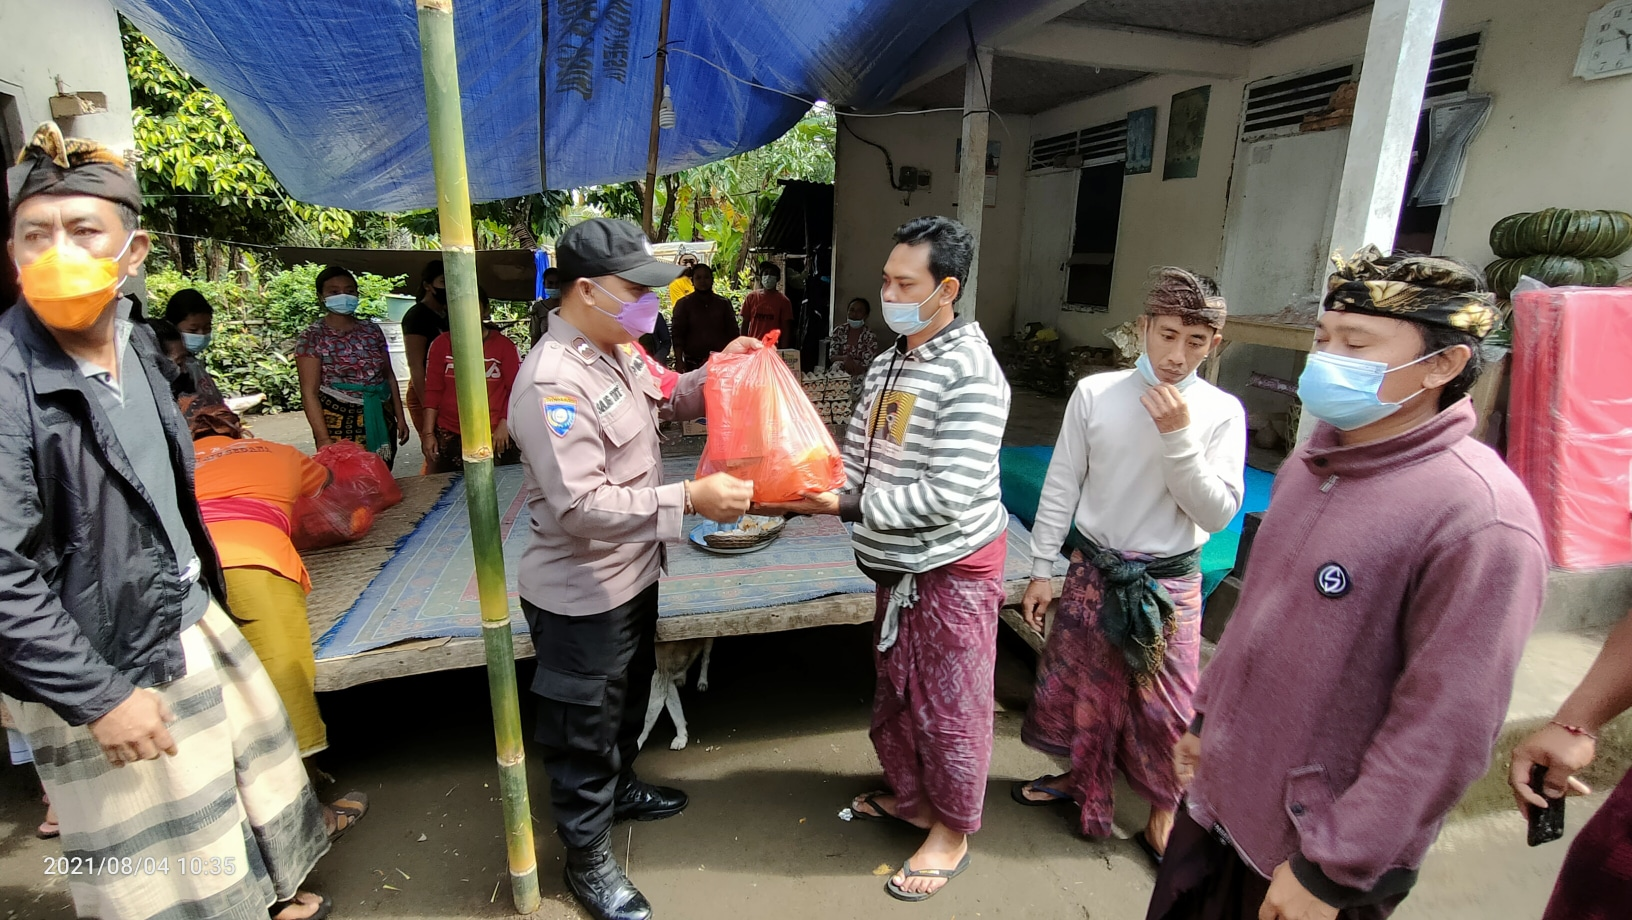 BANTUAN kepada korban musibah tanah longsor di Desa Menanga, Kecamatan Rendang, Karangasem, datang dari berbagai kalangan. Foto: ist